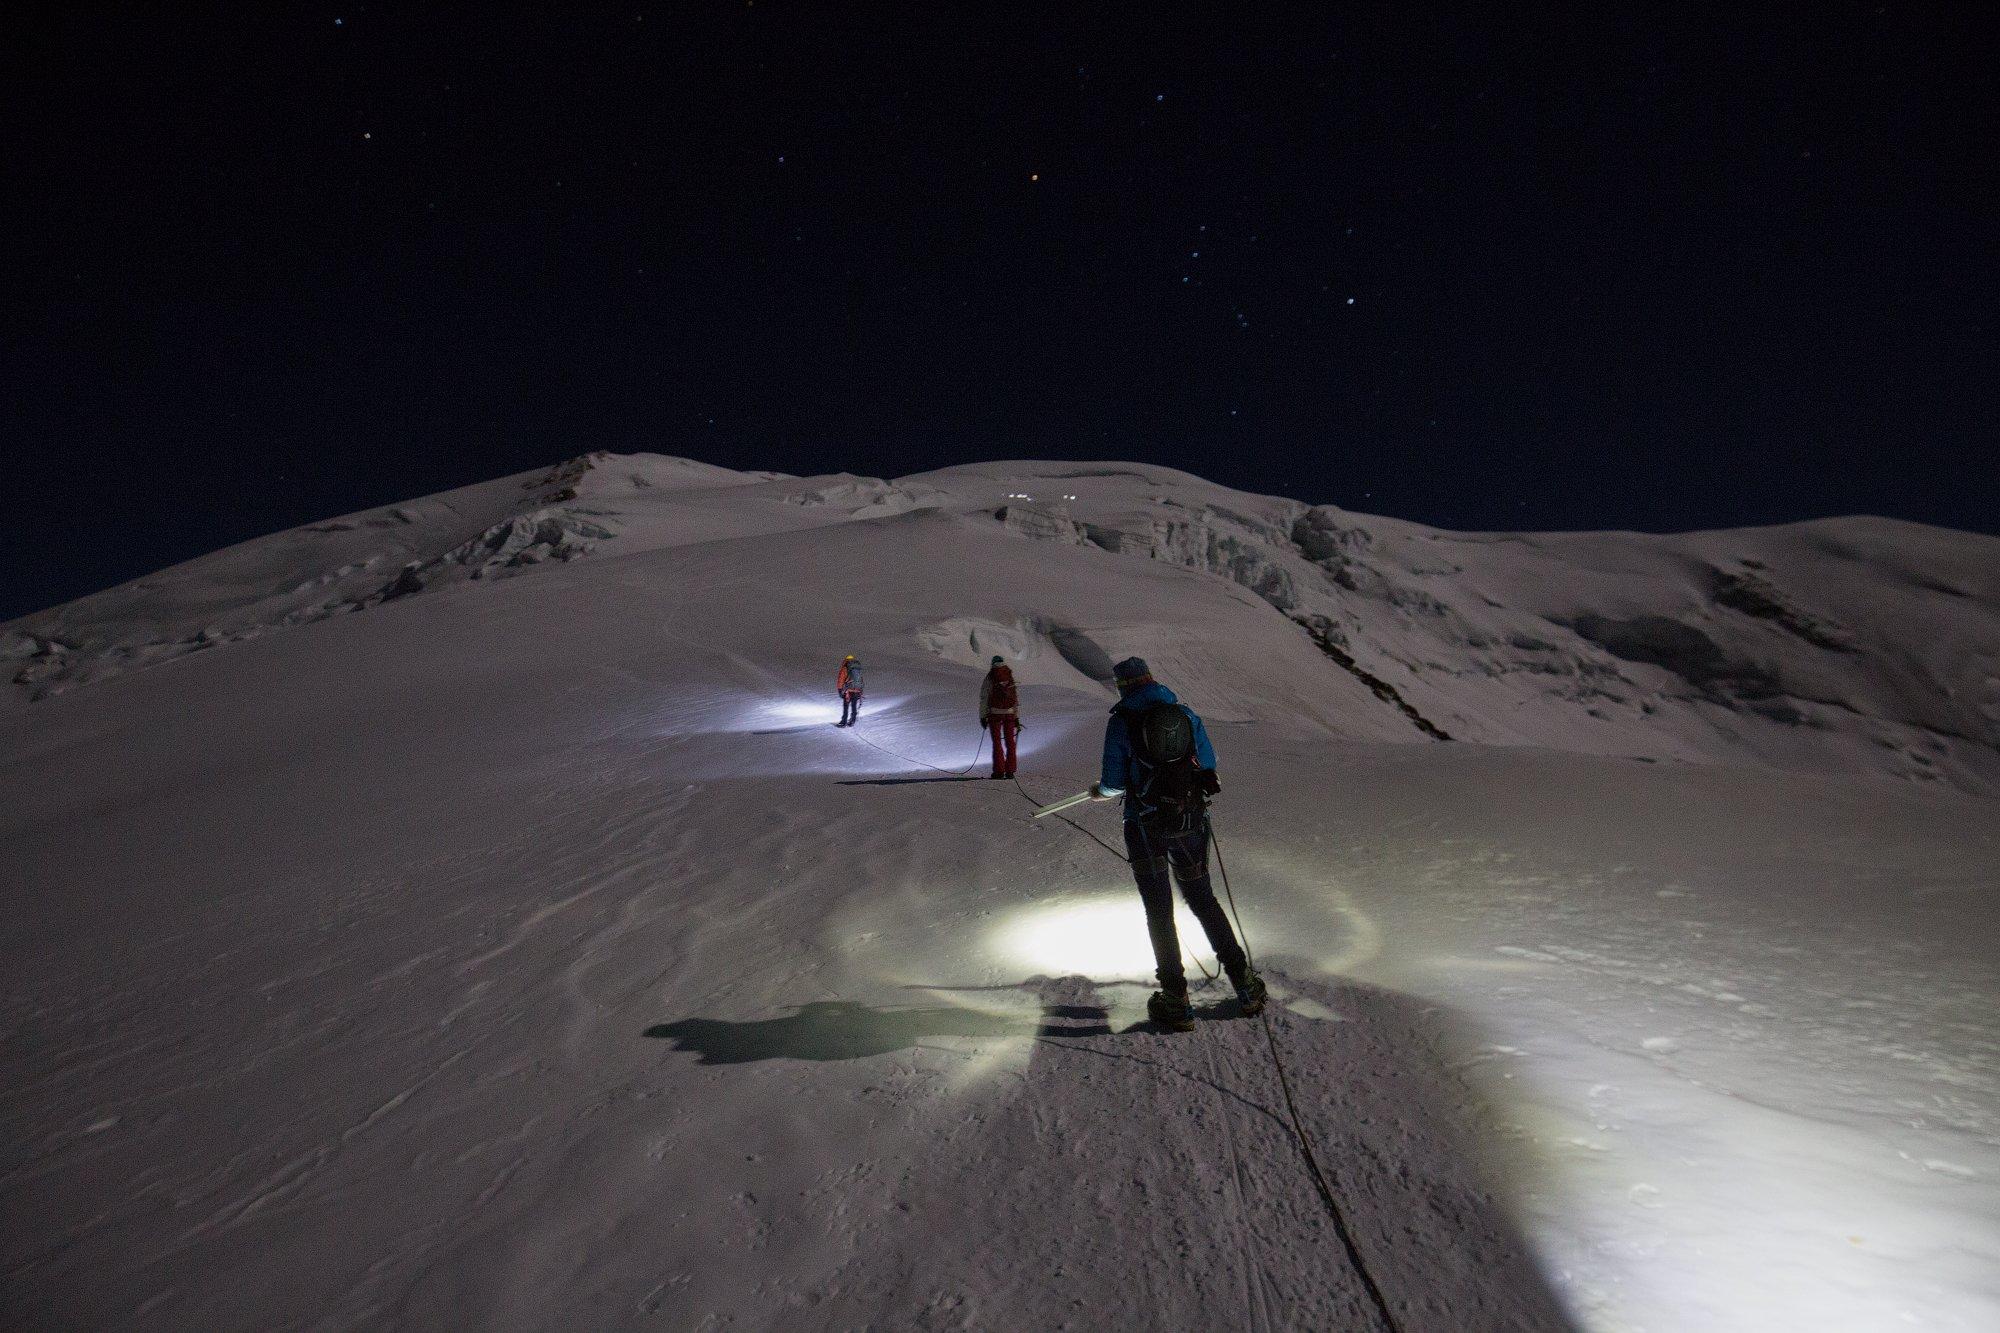 монблан, восхождение, альпы, горы, гора, montblanc, summit, alps, альпинизм, Владимир Куцый (Vlad Kutsey)